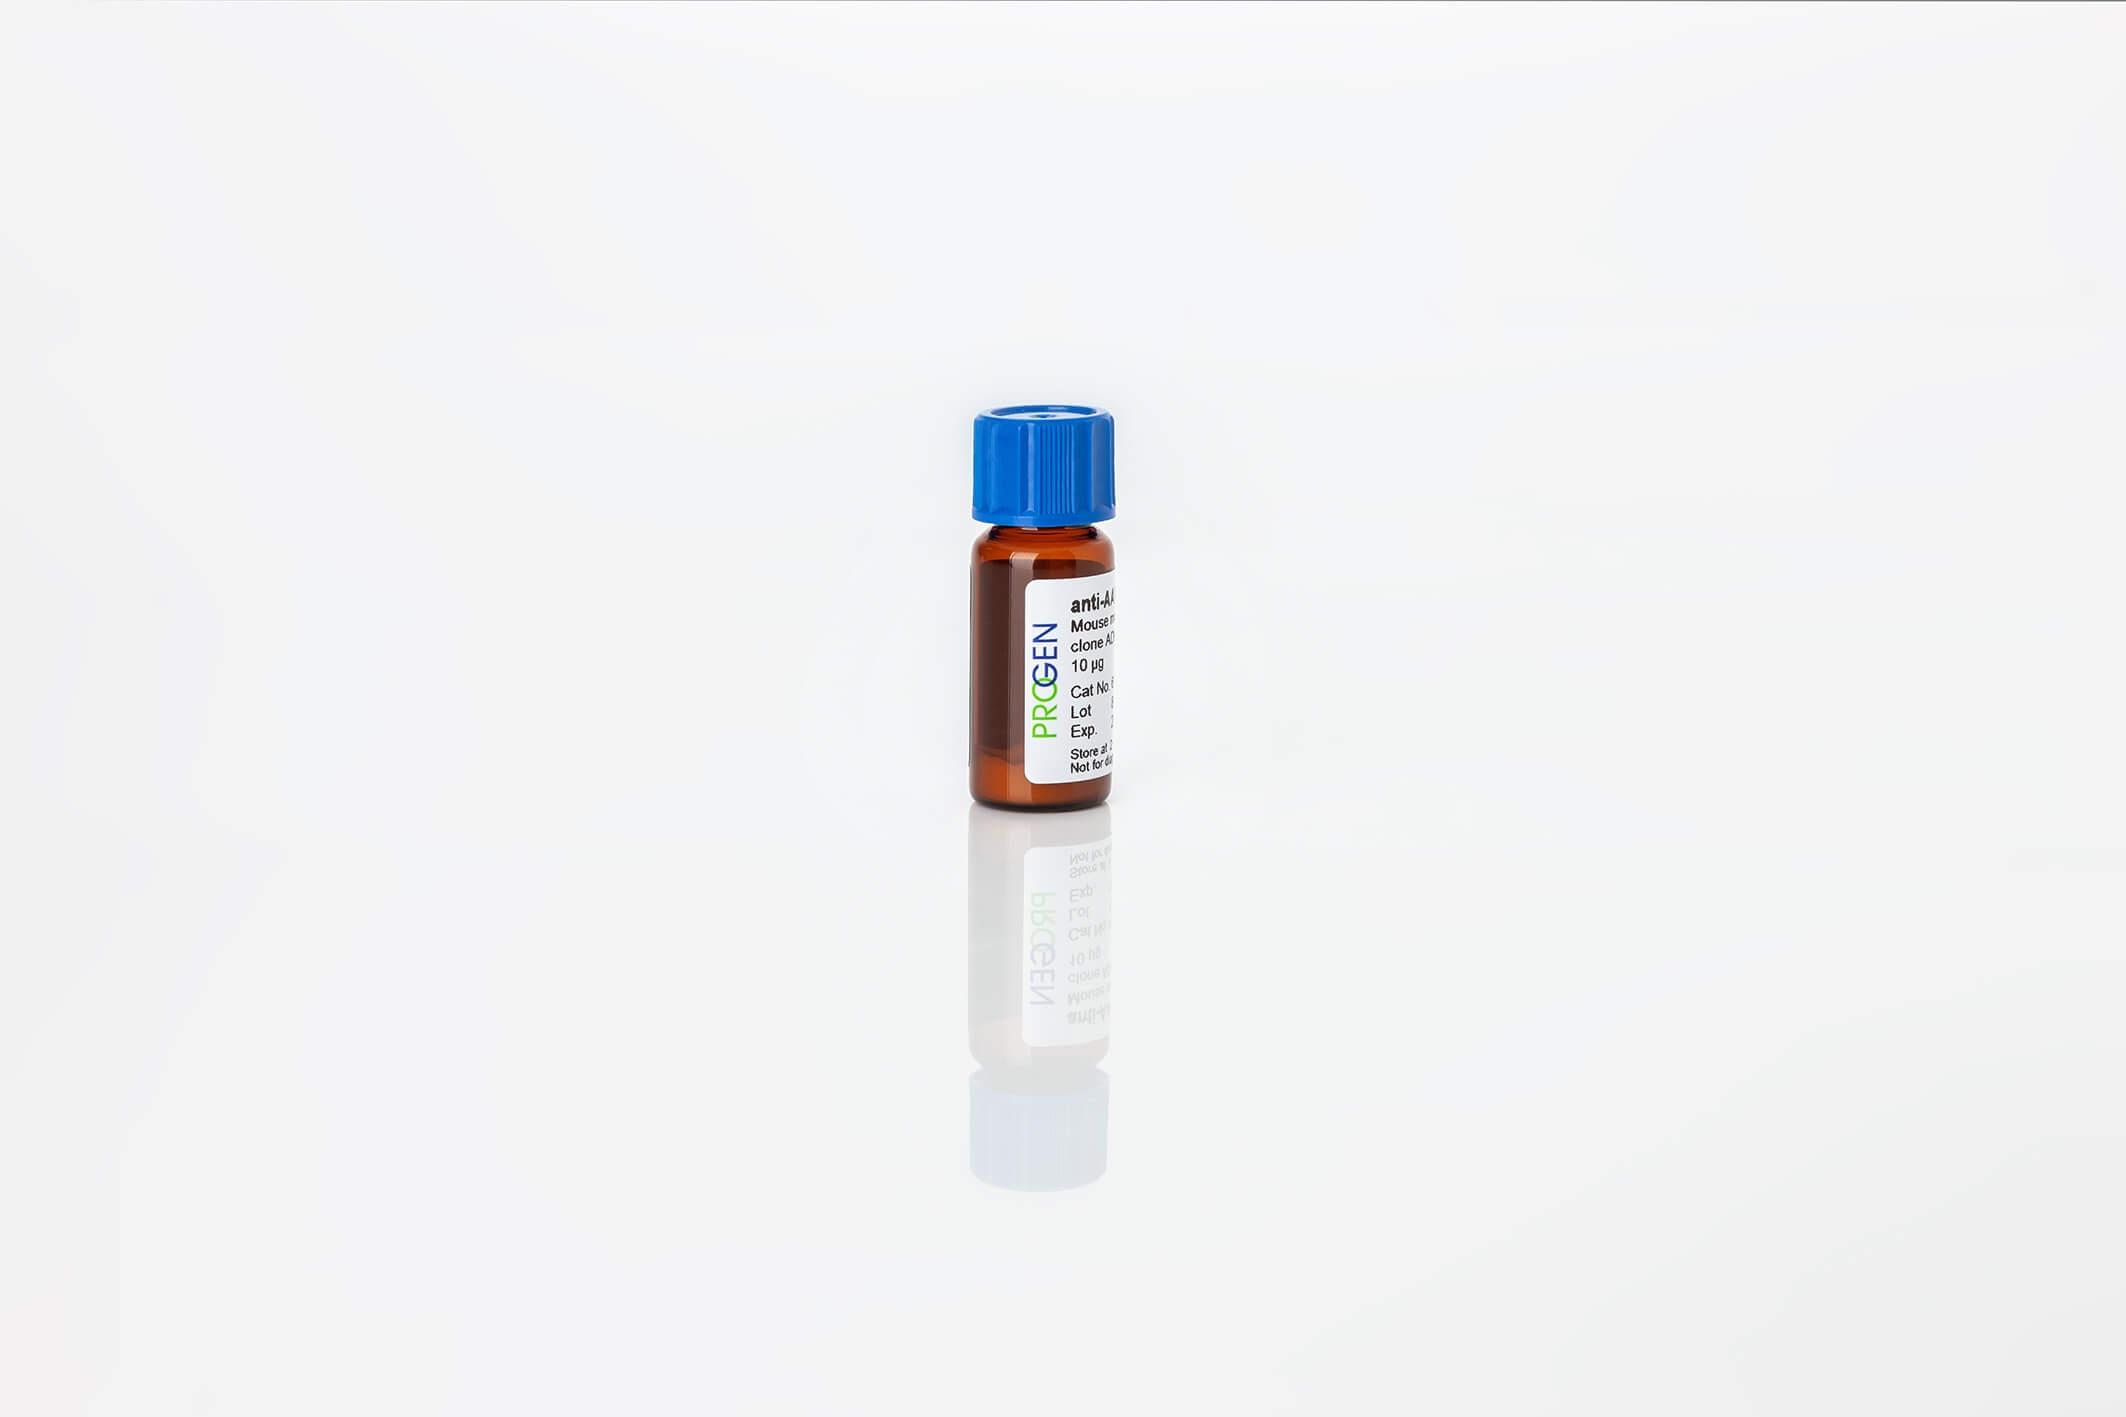 Glial Filament Protein, bovine, 250 µg